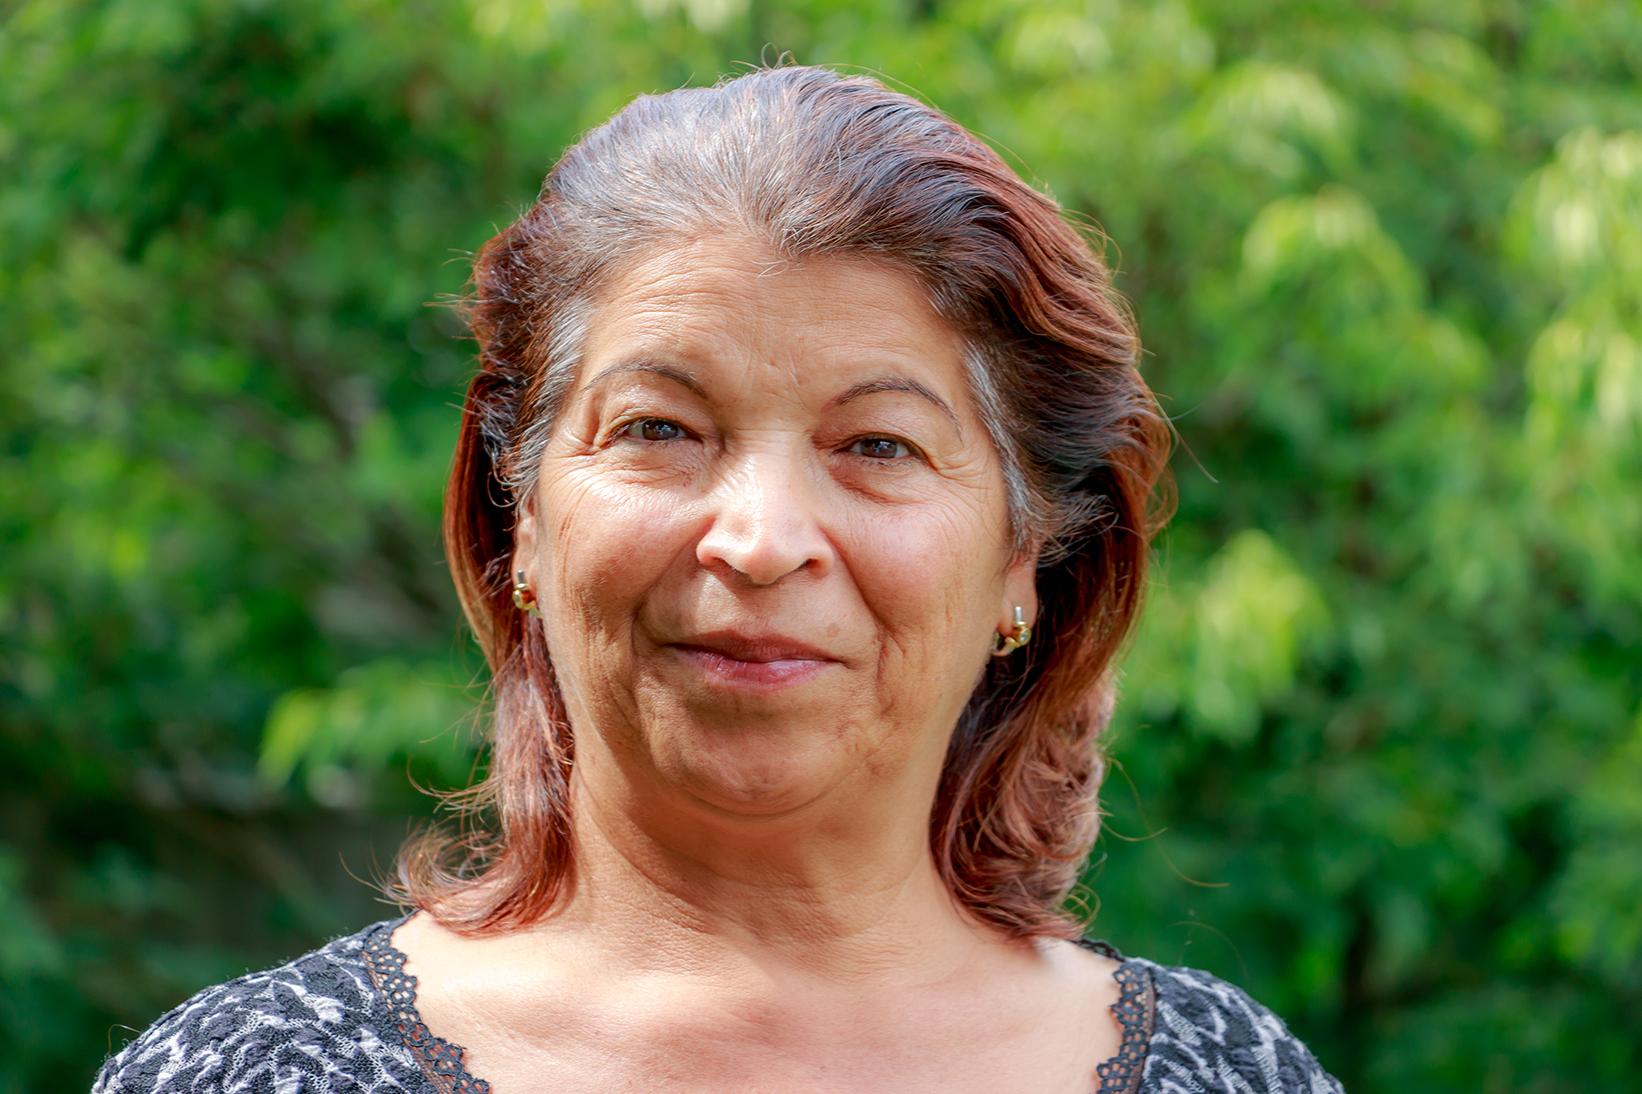 Portrait of Michal, stranger 60 of 100